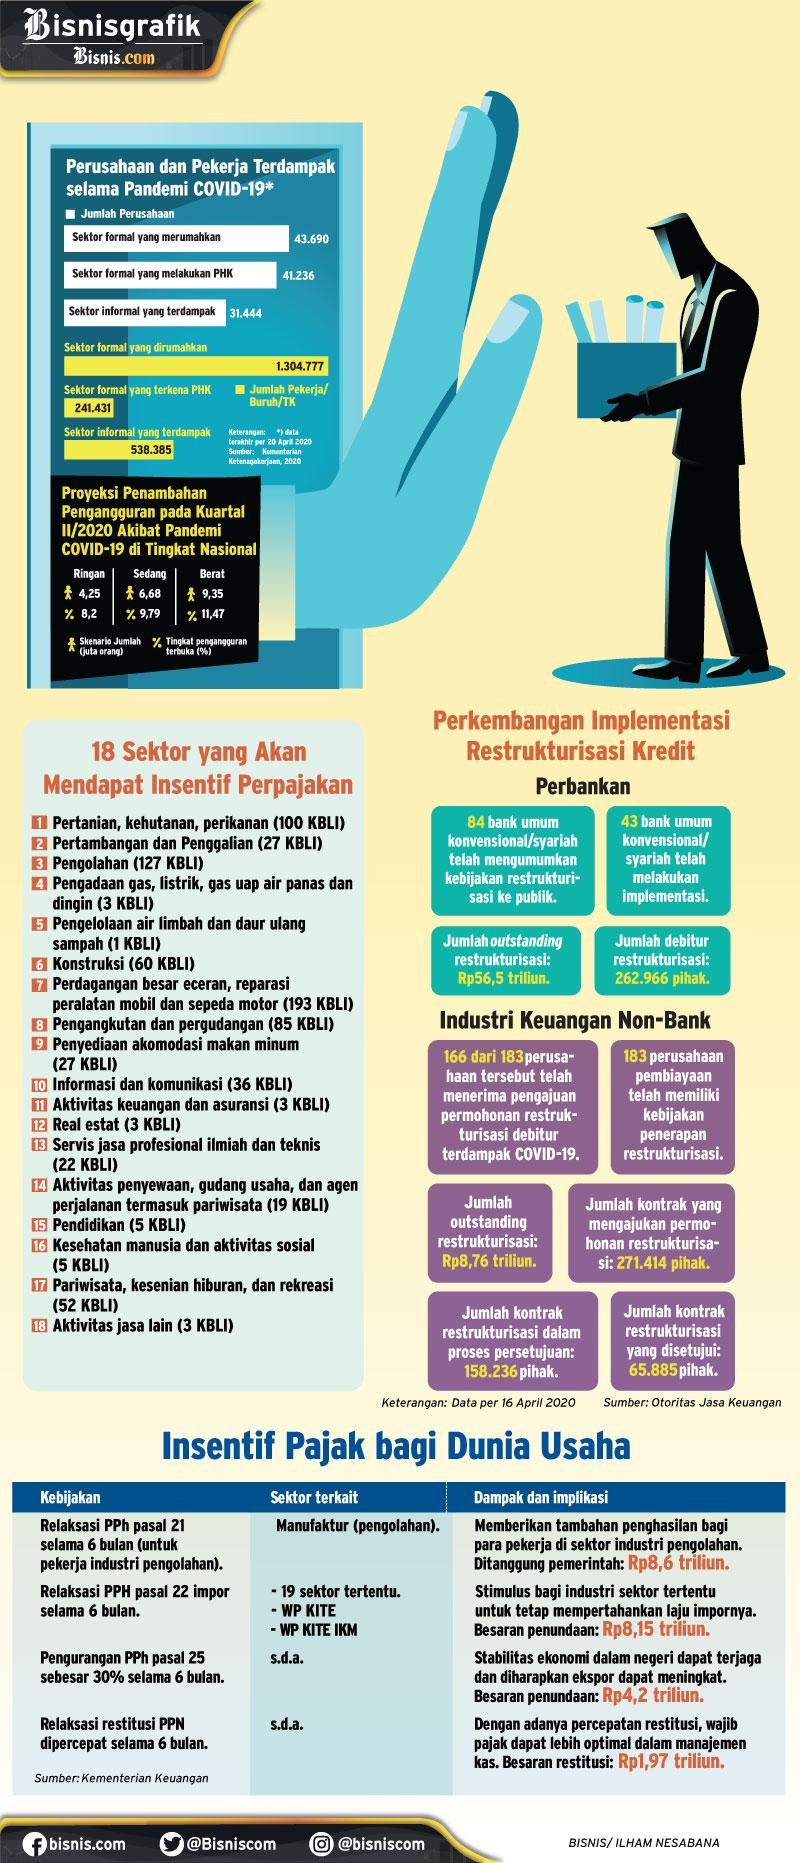 Cakupan insentif perpajakan dalam program Pemulihan Ekonomi Nasional